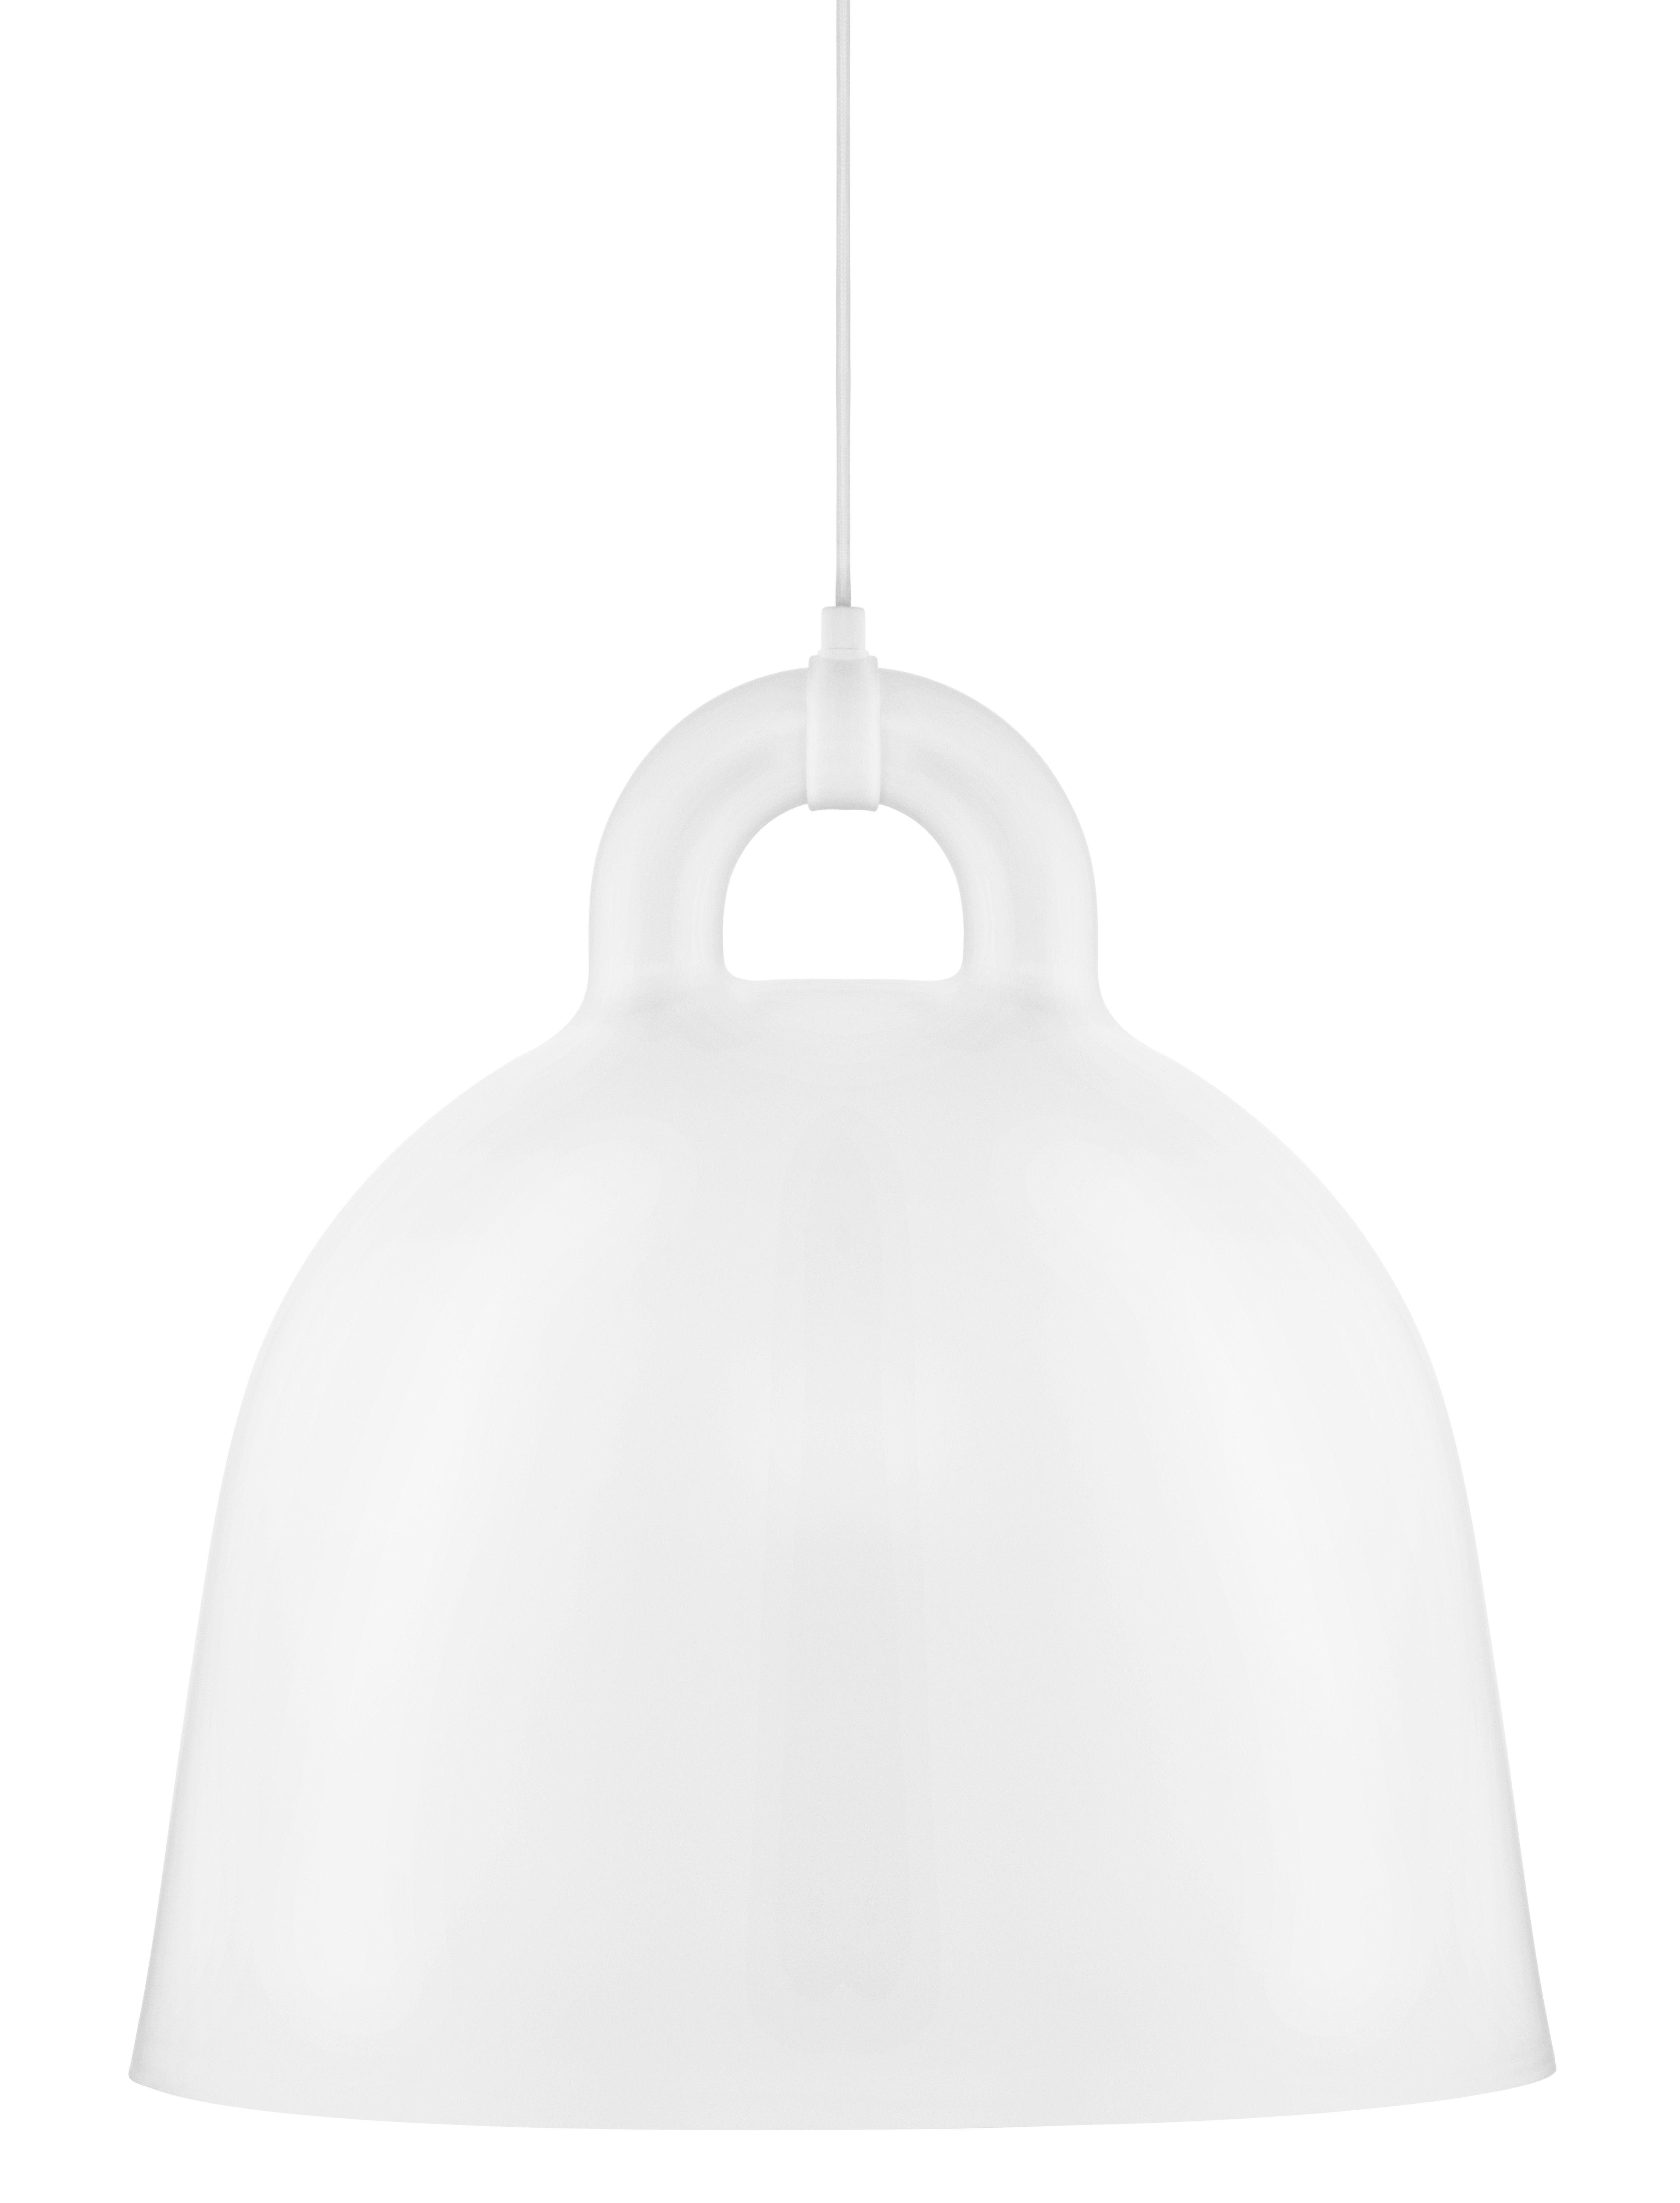 Luminaire - Suspensions - Suspension Bell / Large Ø 55 cm - Normann Copenhagen - Blanc mat & Int. Blanc - Aluminium